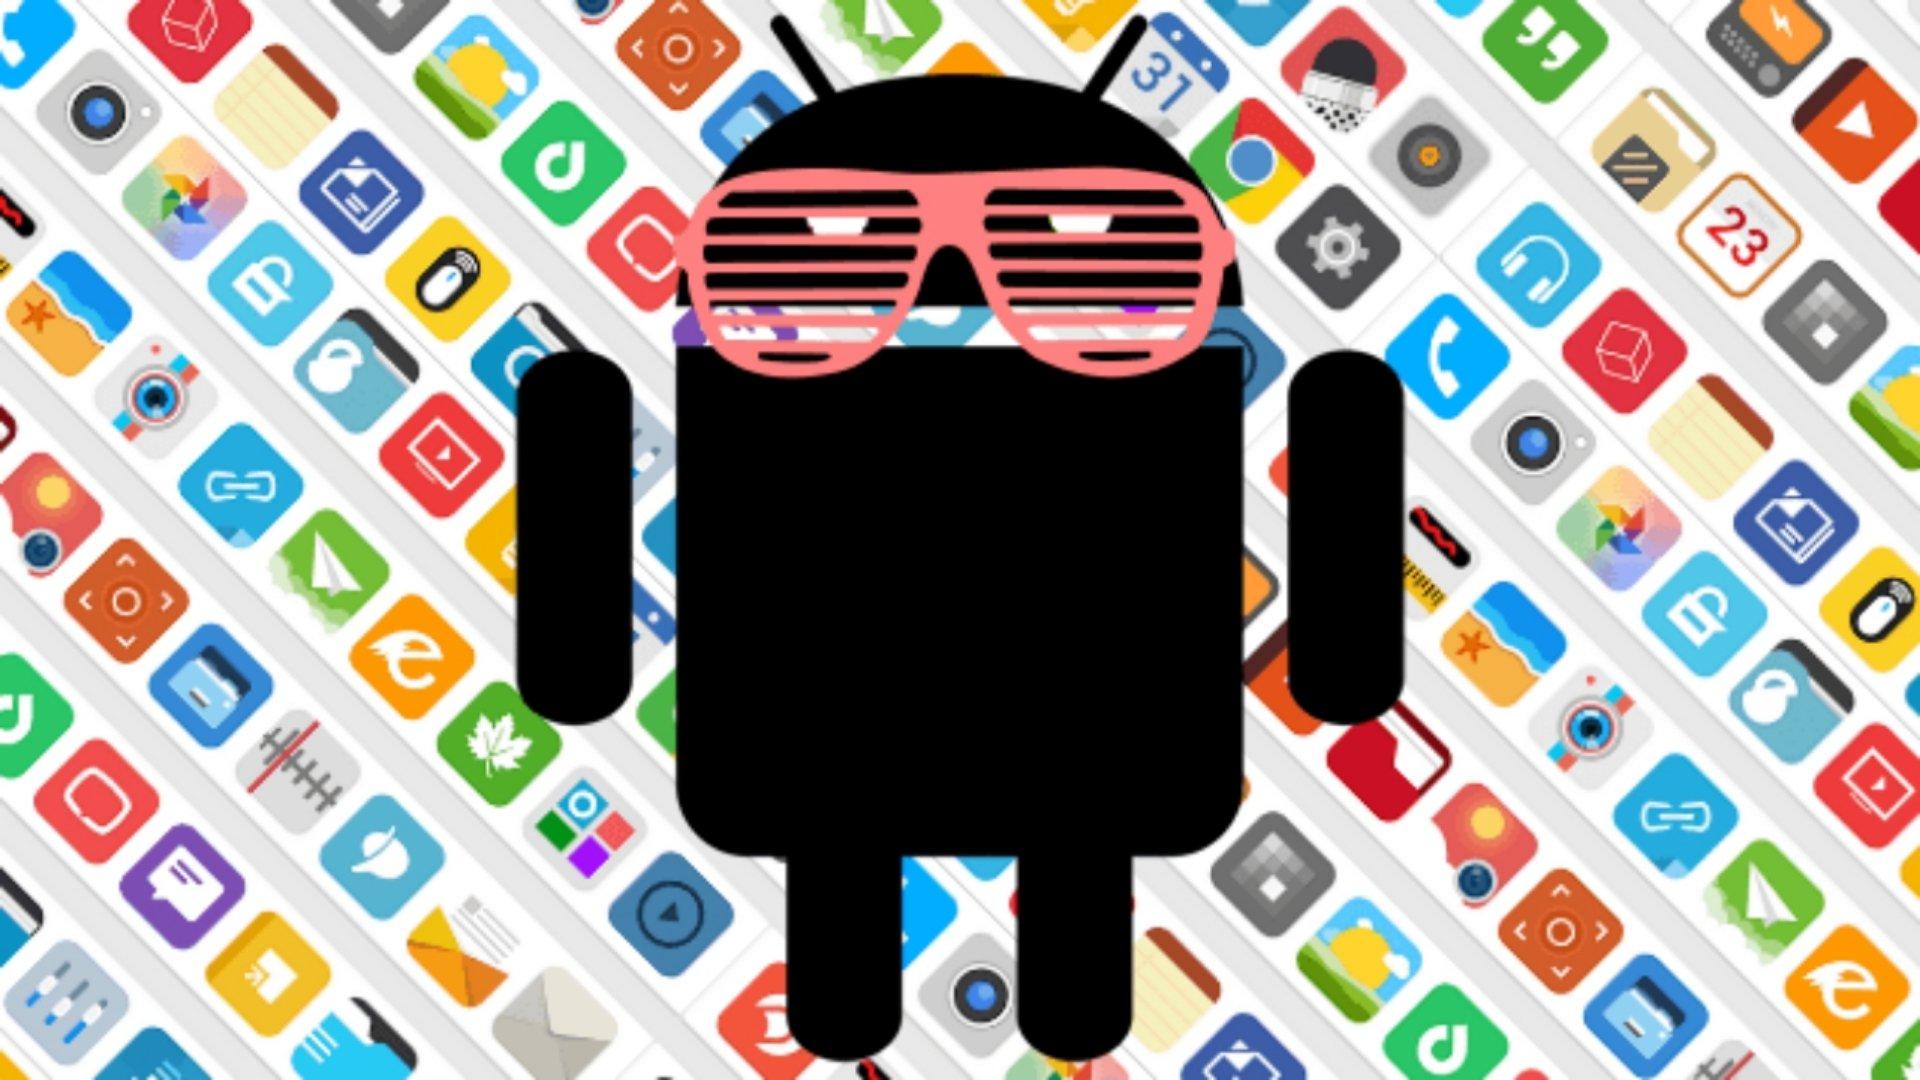 Apps De Porno Android applications x sur android : ce que vous avez toujours voulu